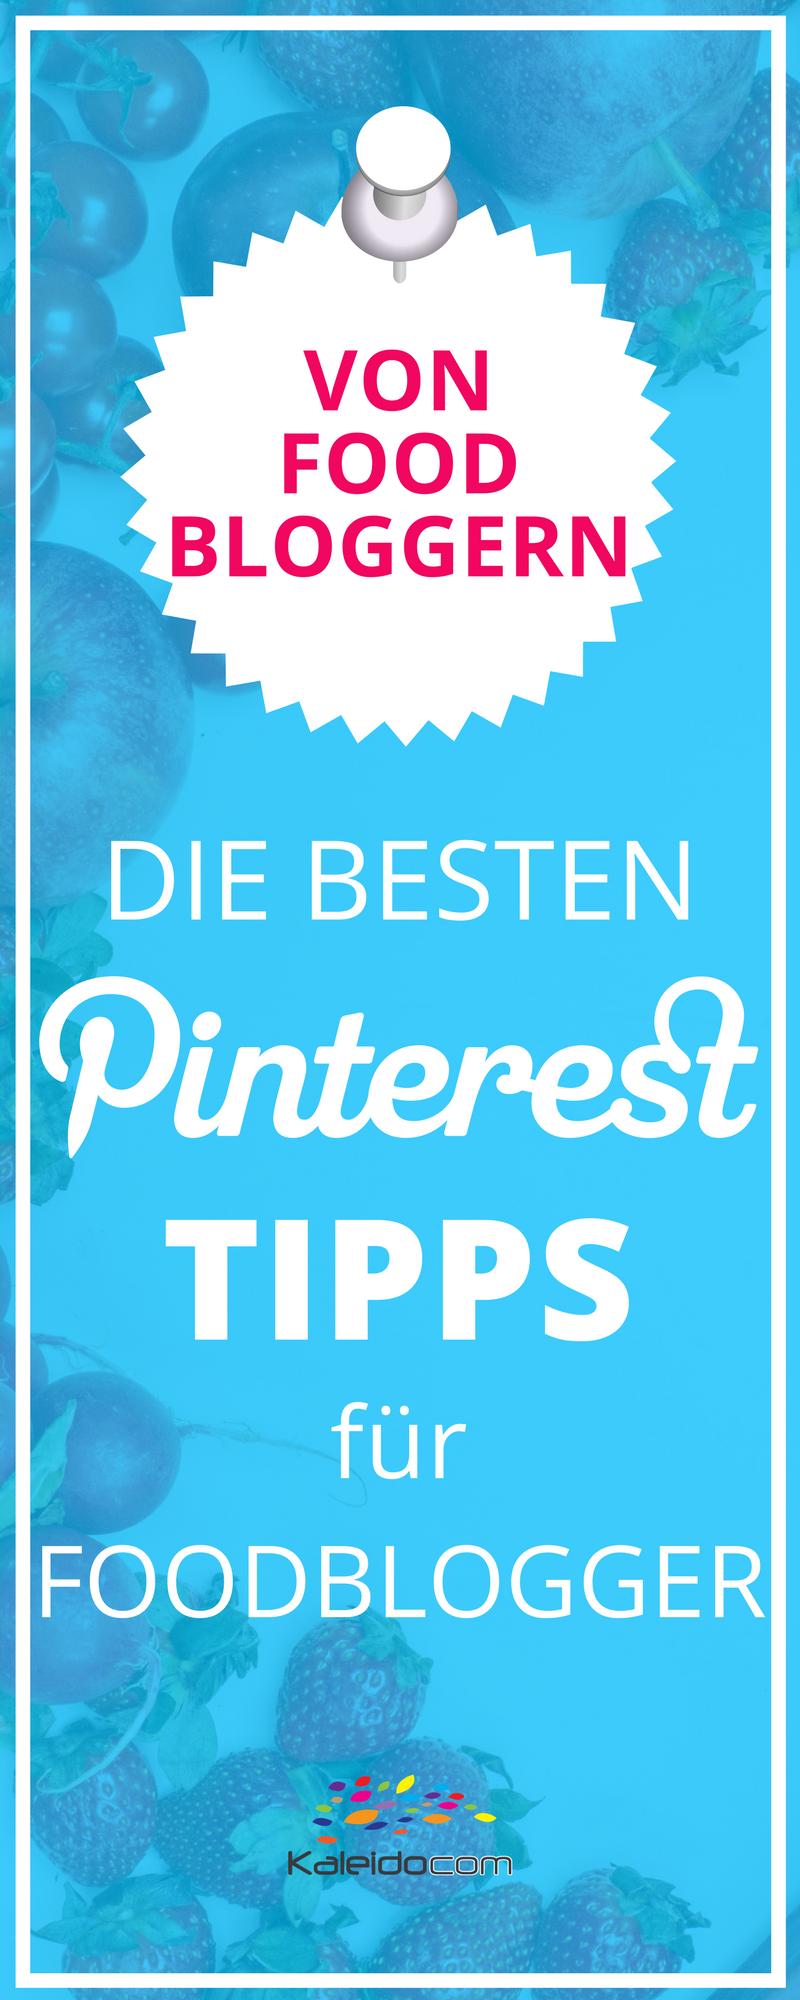 Die besten Tipps für Deinen Erfolg auf Pinterest als Foodblogger von Foodbloggern. #pinteresttipp